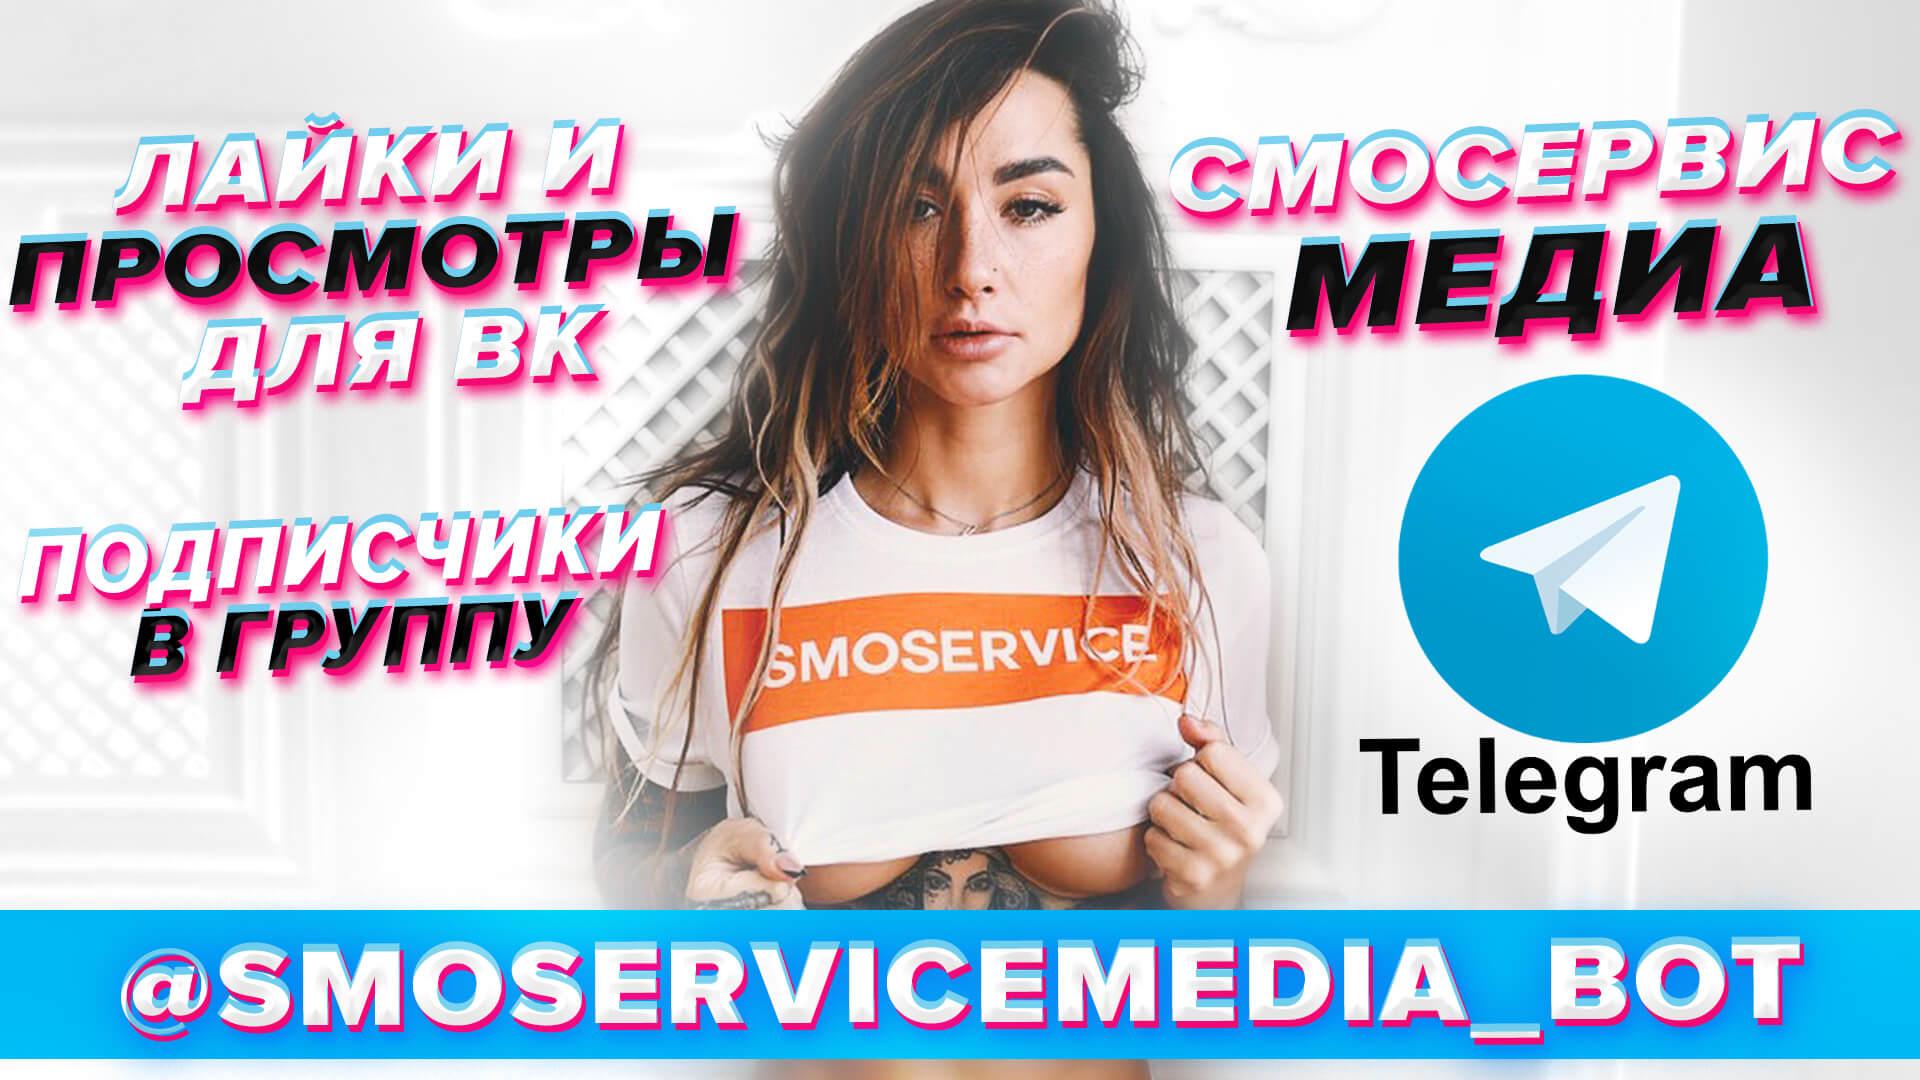 Смосервис: помощь с подписчиками для тикток, вк, инстаграм и других соцсетей